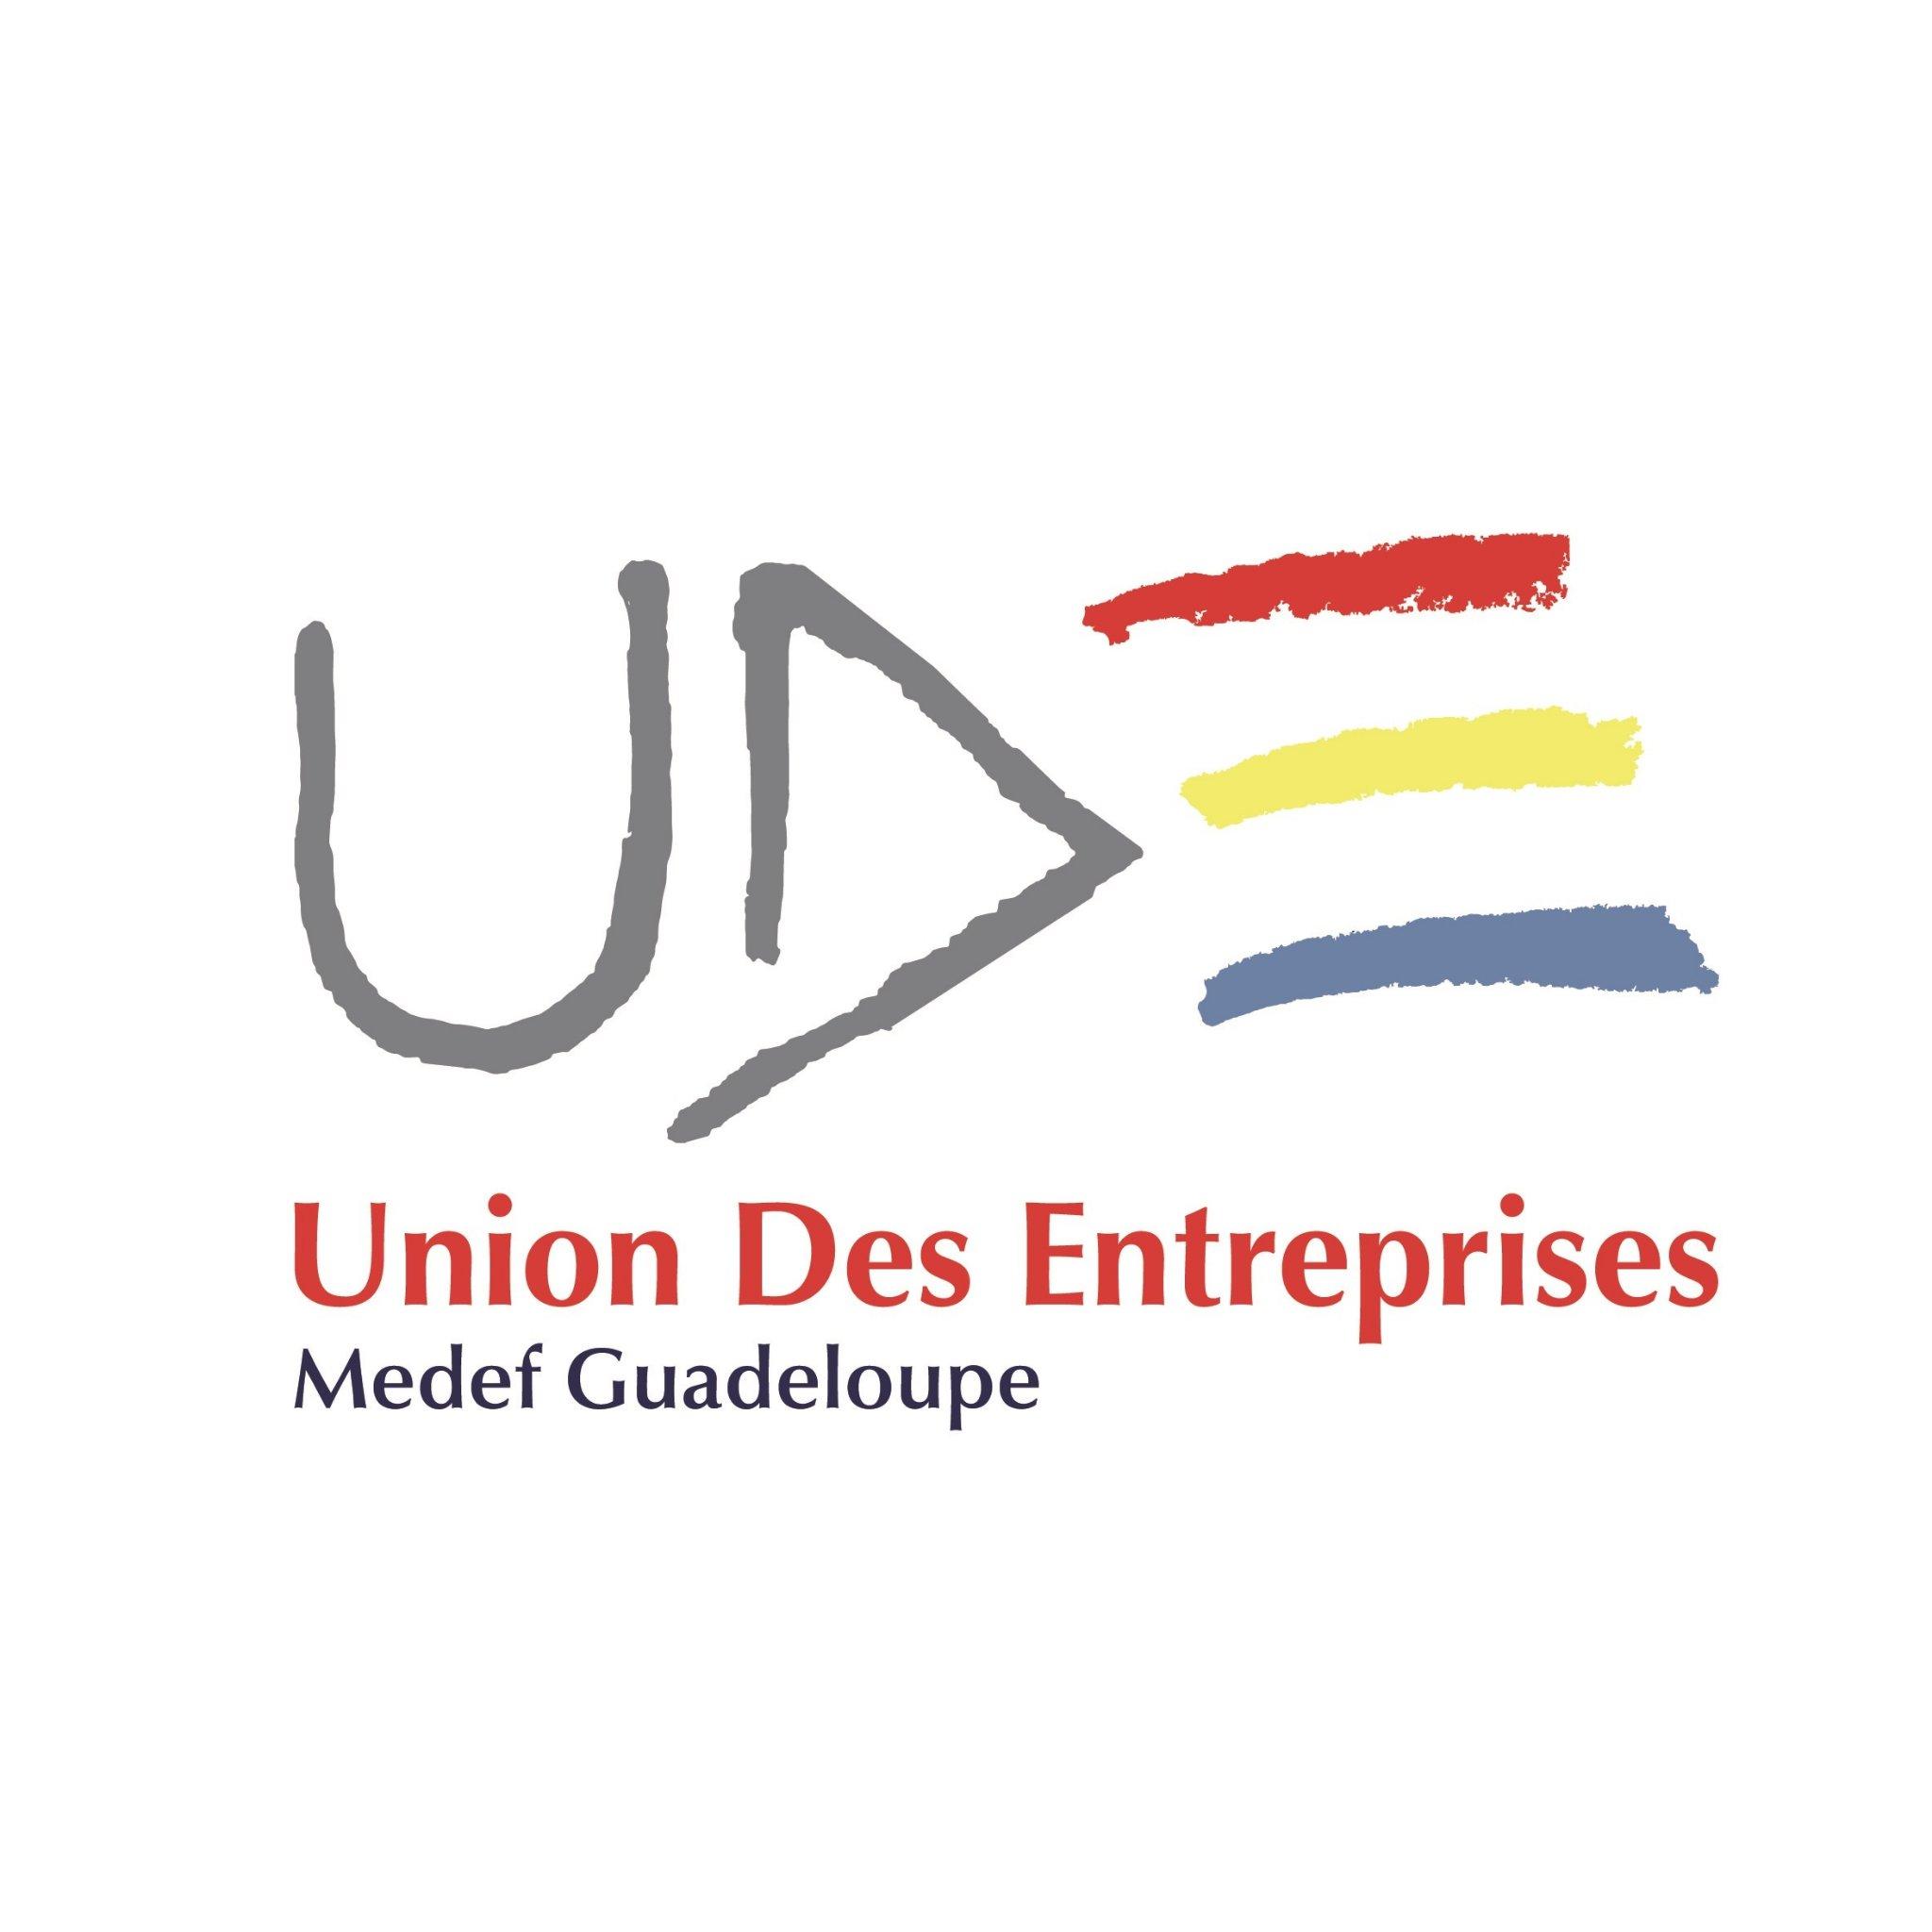 Union des entreprises - MEDEF Guadeloupe